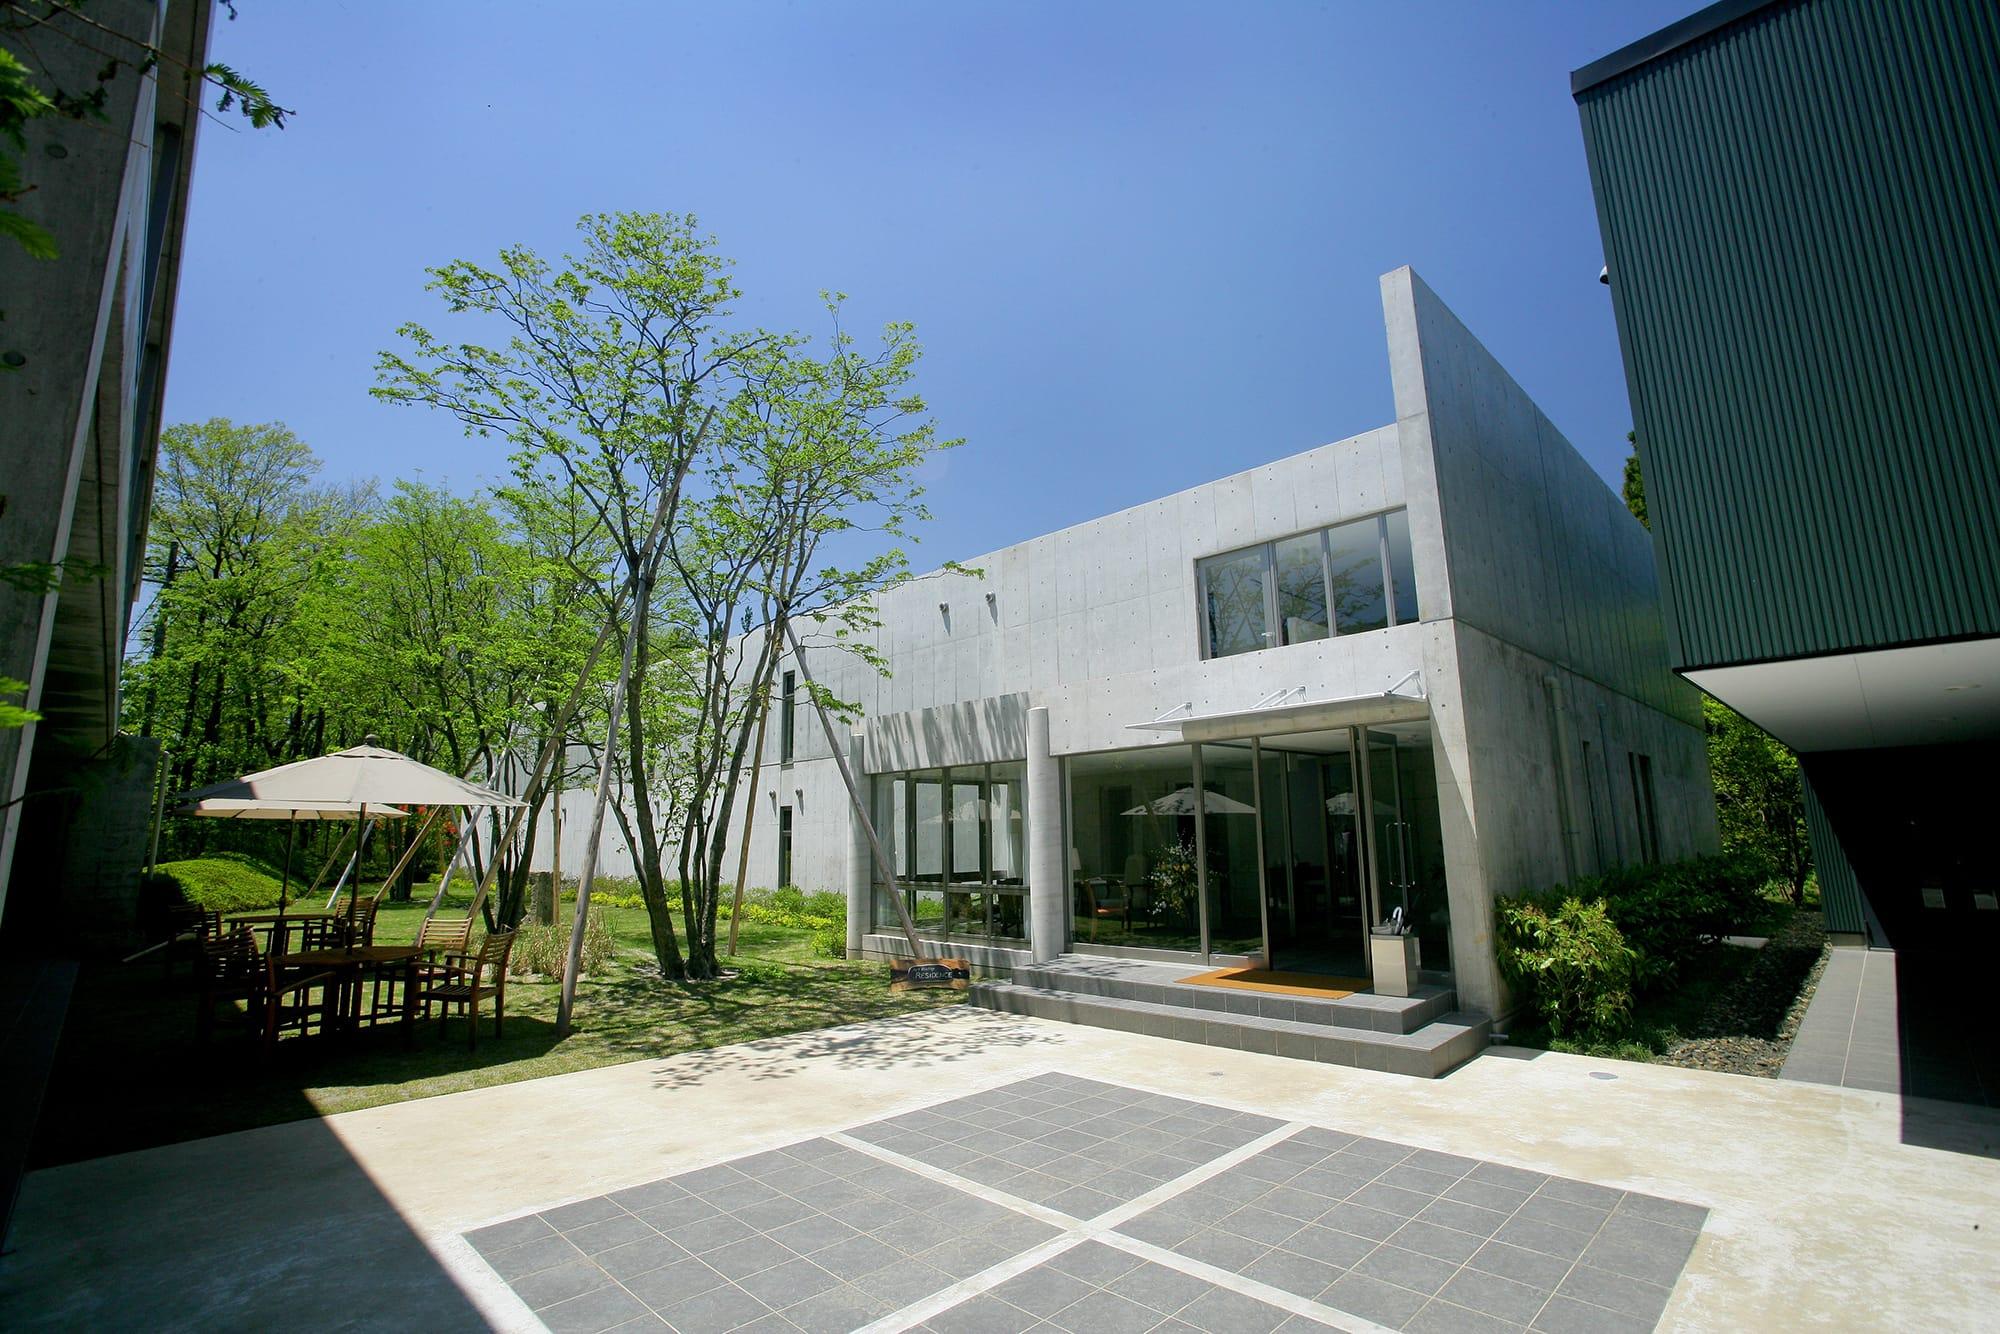 2007年にオープンした「アートビオトープ那須」。体験学習型のアートレジデンスとして、近年注目されているアーティストの滞在制作を支援する「アーティスト・イン・レジデンスプログラム」を先駆けて開催している。